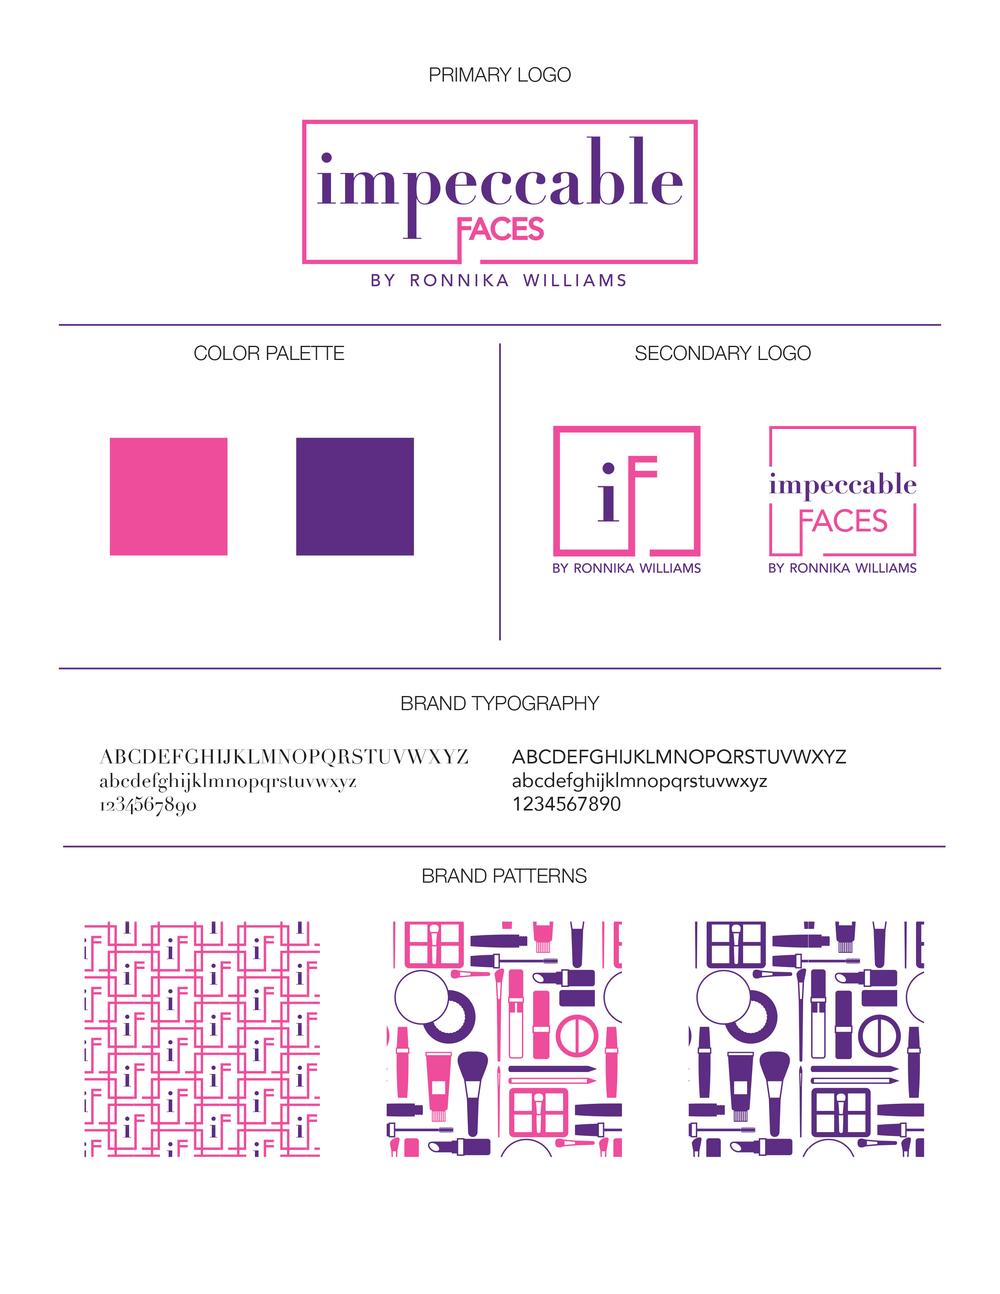 ImpeccableFaces-LogoGuide2.png